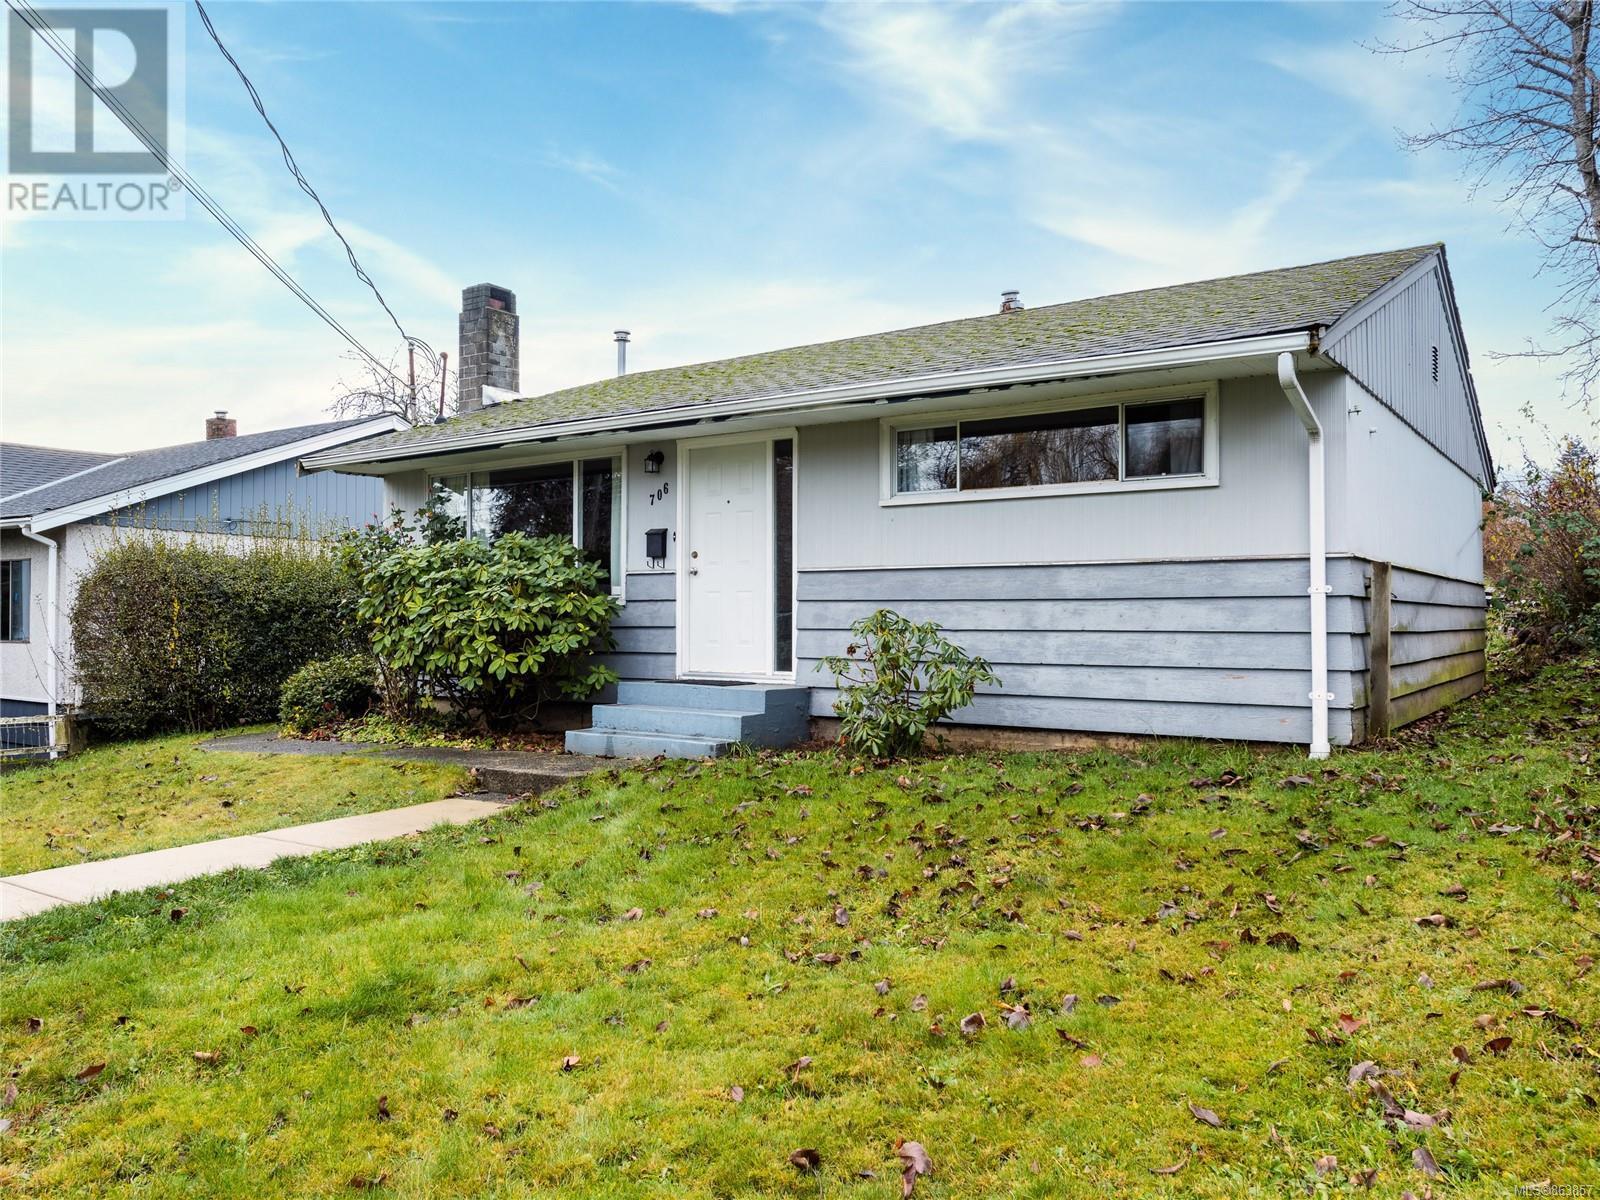 706 Victoria Rd, Nanaimo, British Columbia  V9R 4R5 - Photo 1 - 863857